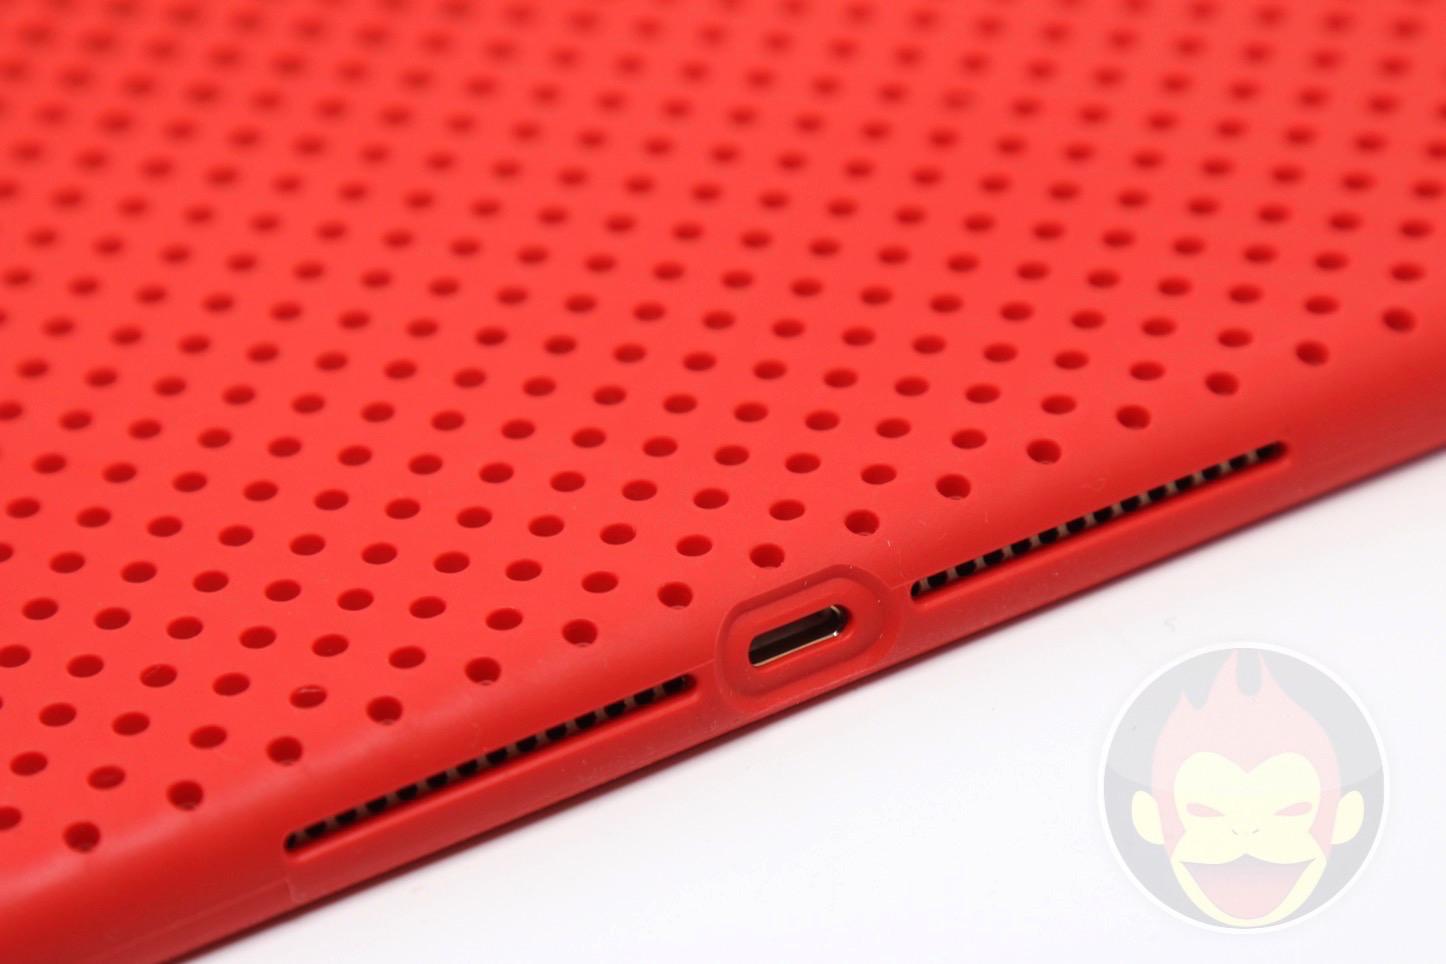 AndMesh-Mesh-Case-for-iPad-Air-2-06.JPG